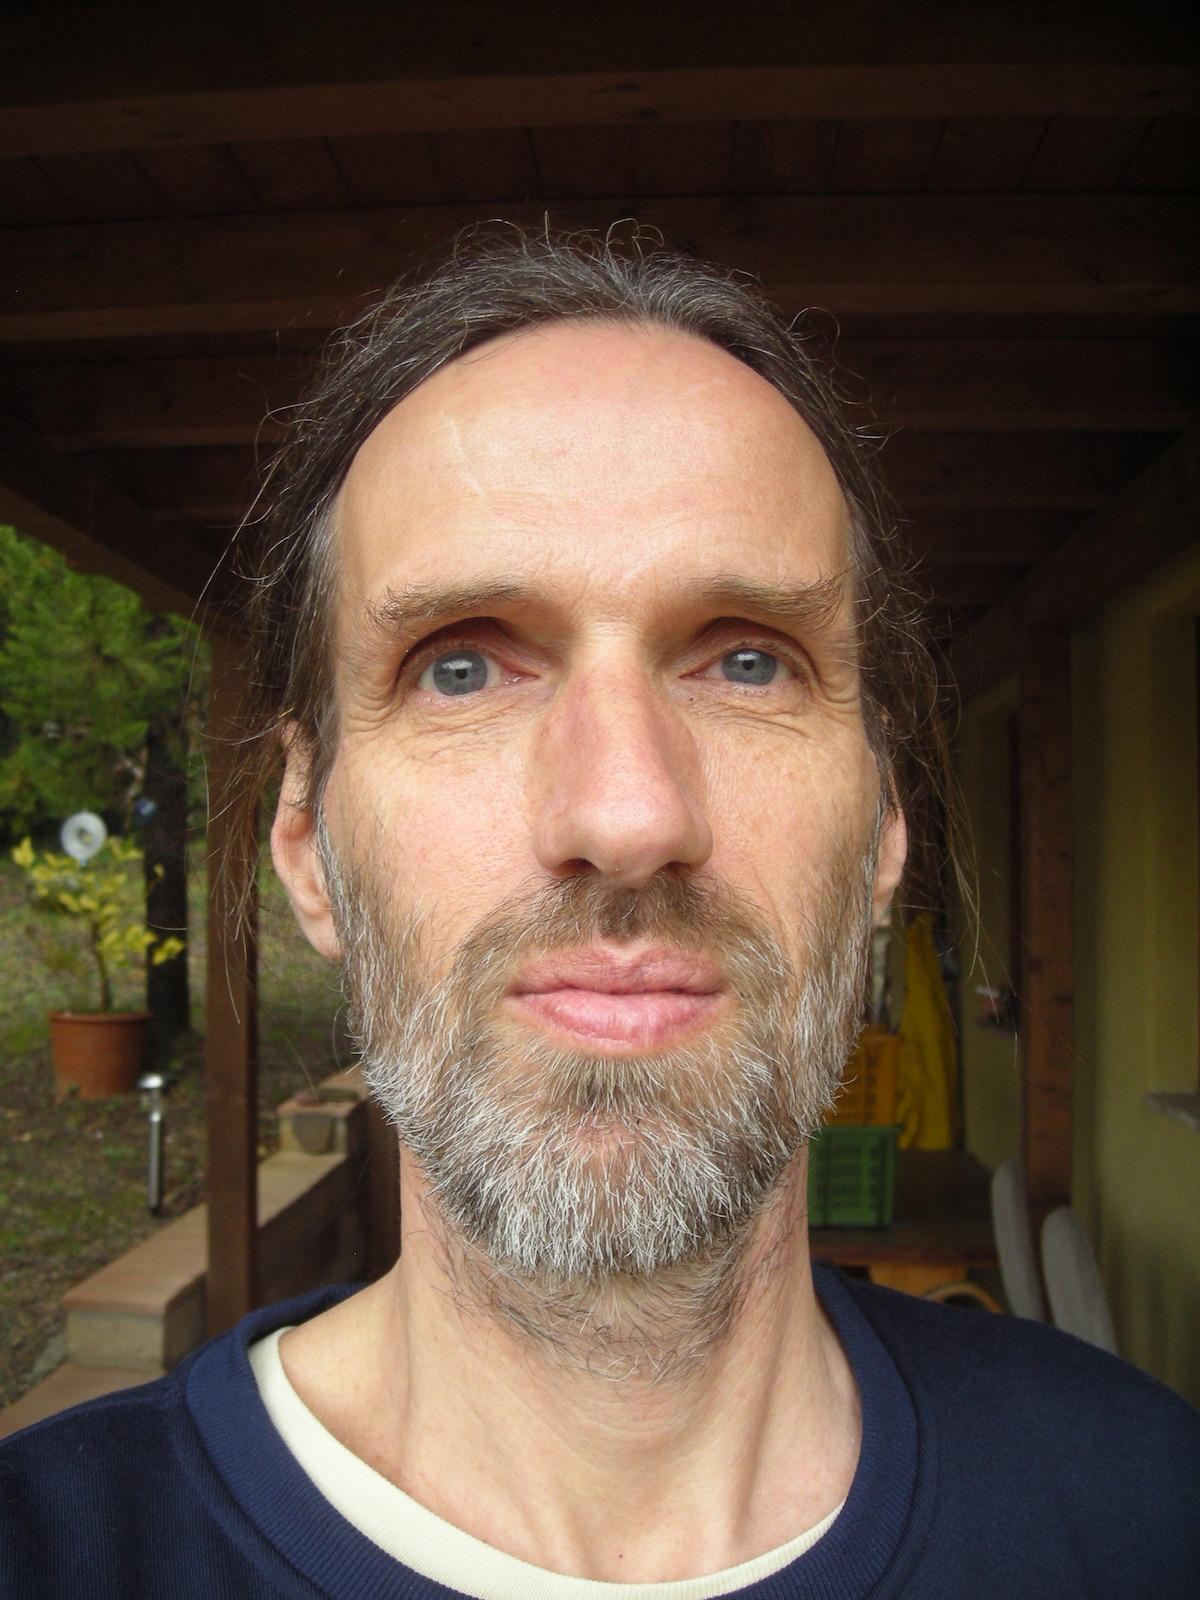 Christian from Sassofortino